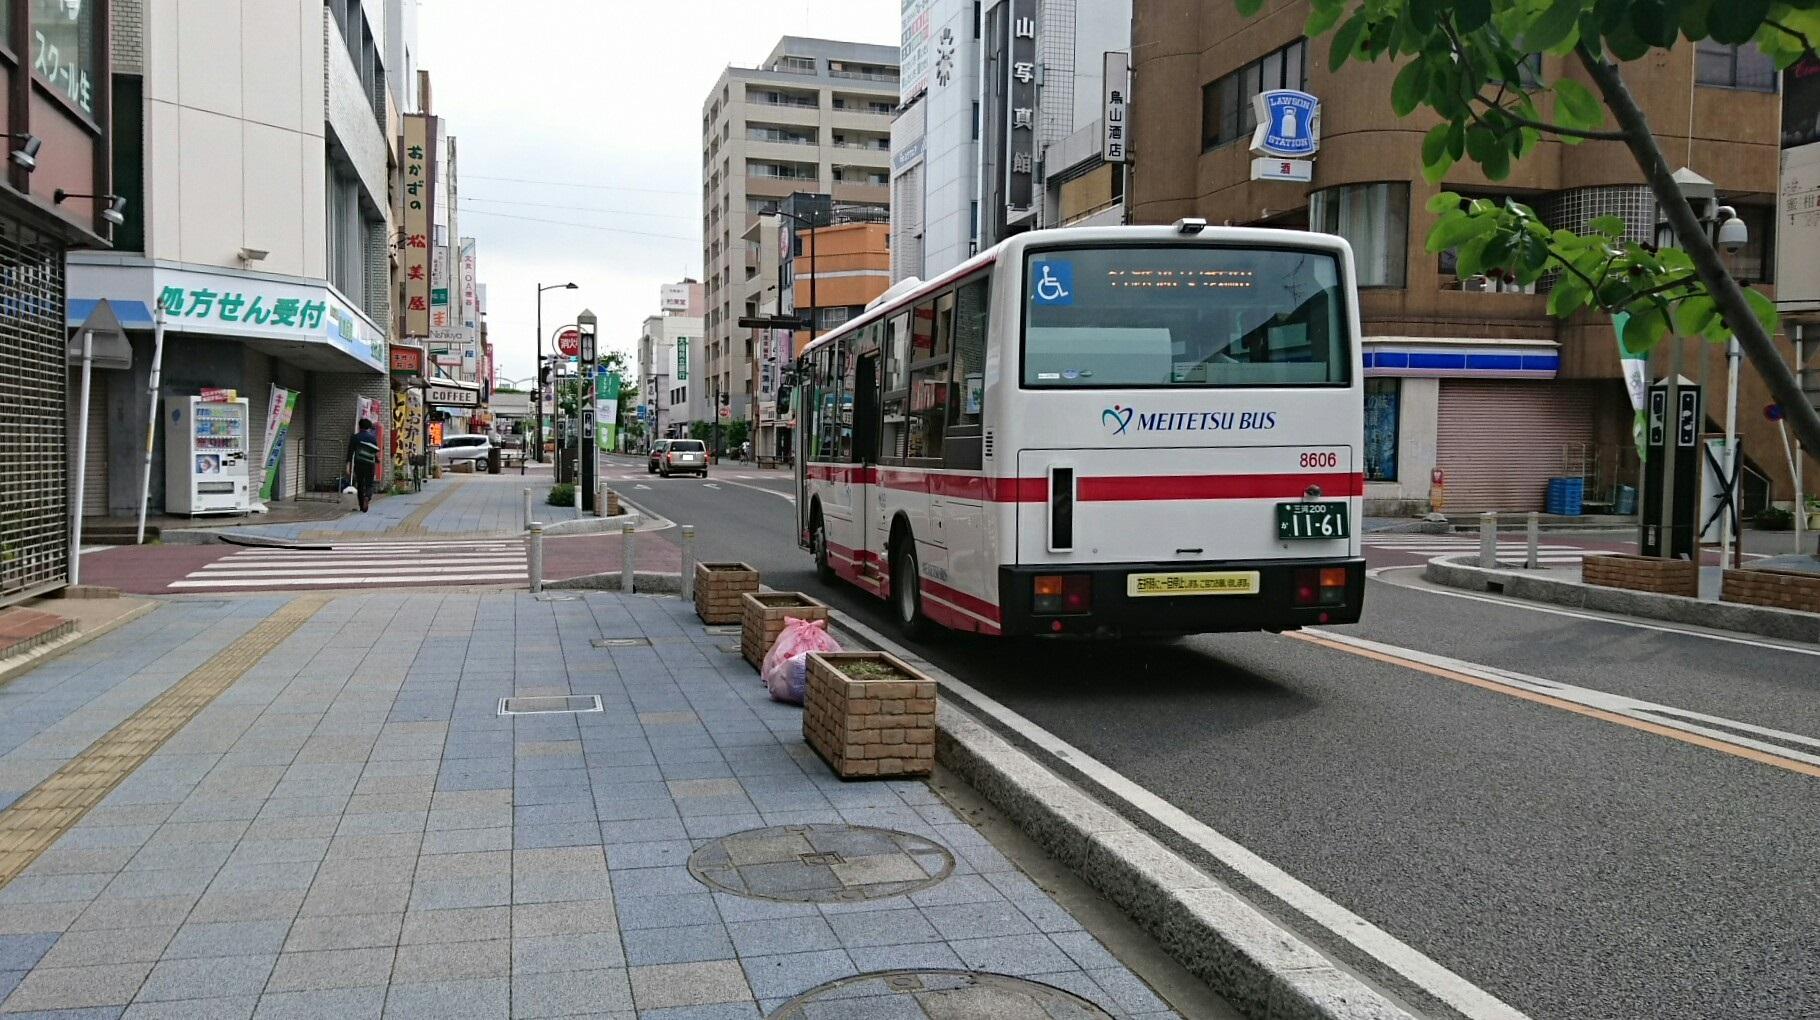 2017.6.1 (4) 御幸本町交差点みなみ - 名鉄バス 1820-1020